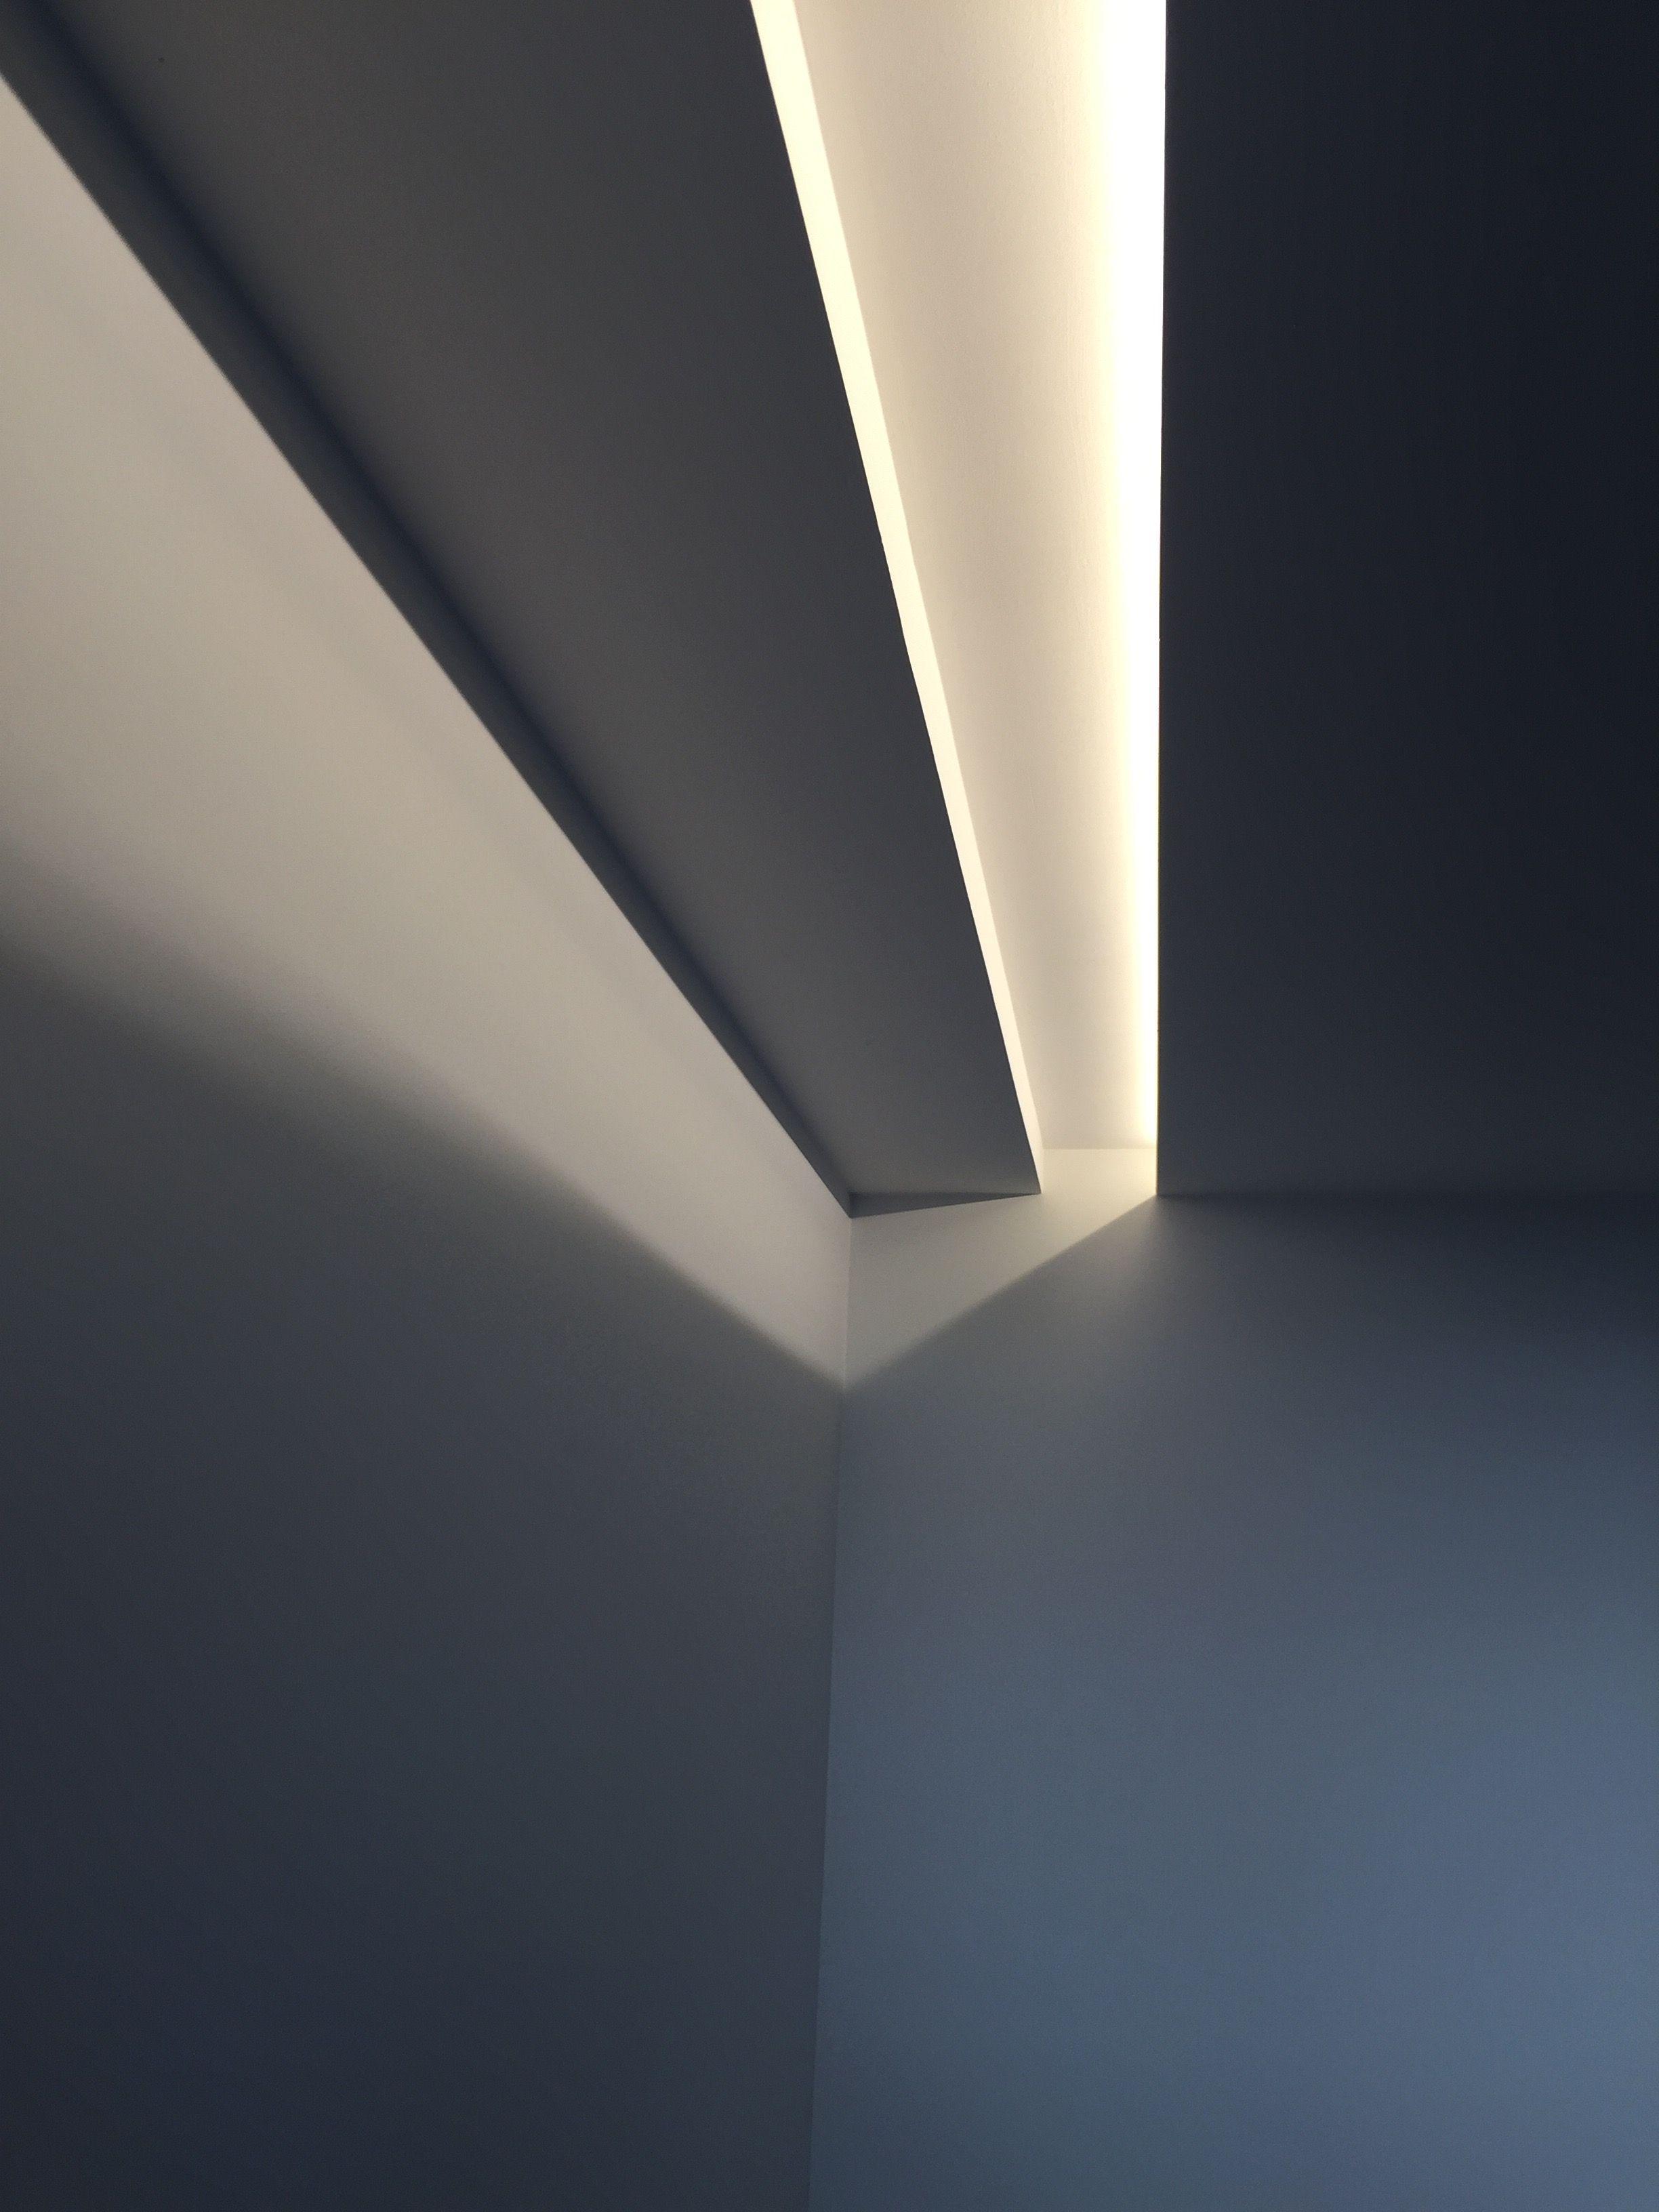 Iluminaci n led mediante luz indirecta con foseado en - Iluminacion indirecta led ...